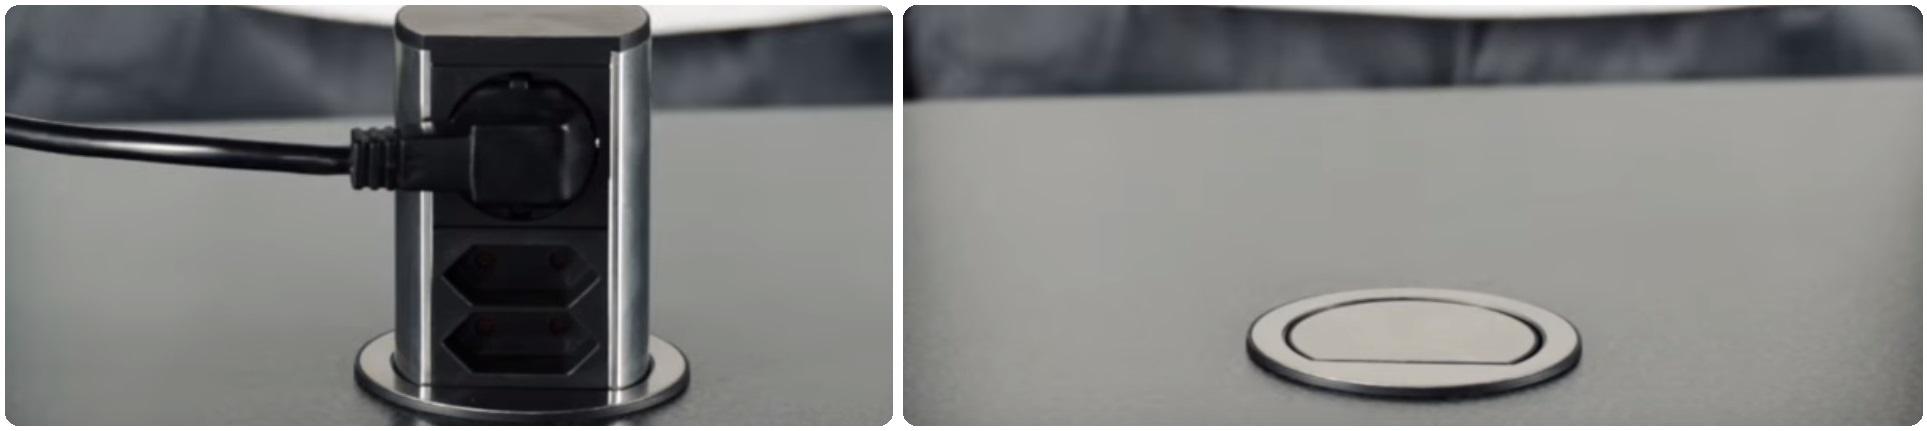 Встраиваемые выдвижные розетки в столешницу